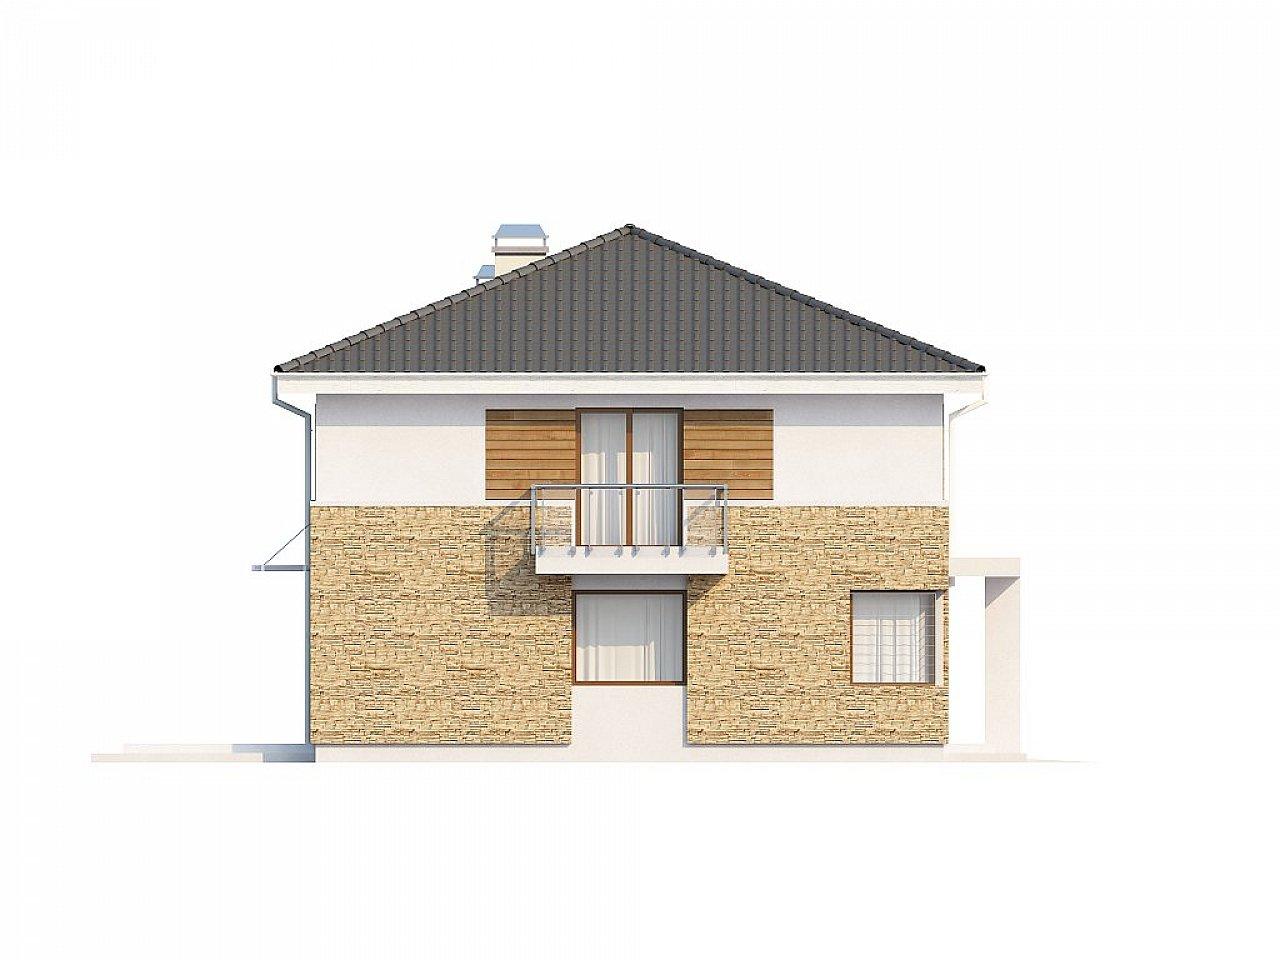 Двухэтажный современный дом под сейсмику 7